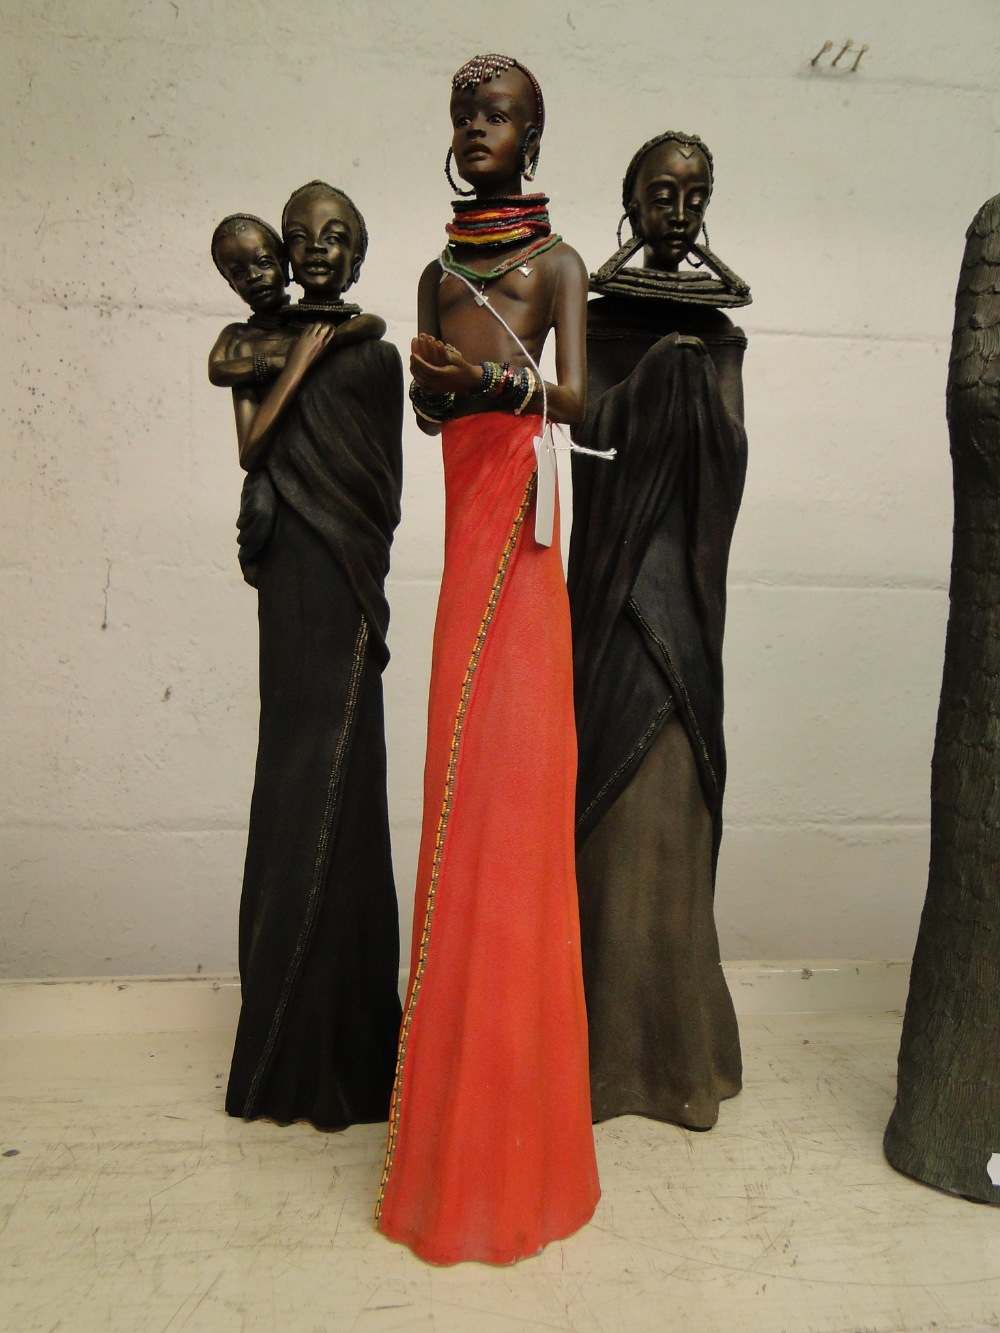 Lot 473 - 3 Soul Journeys Maasai figures